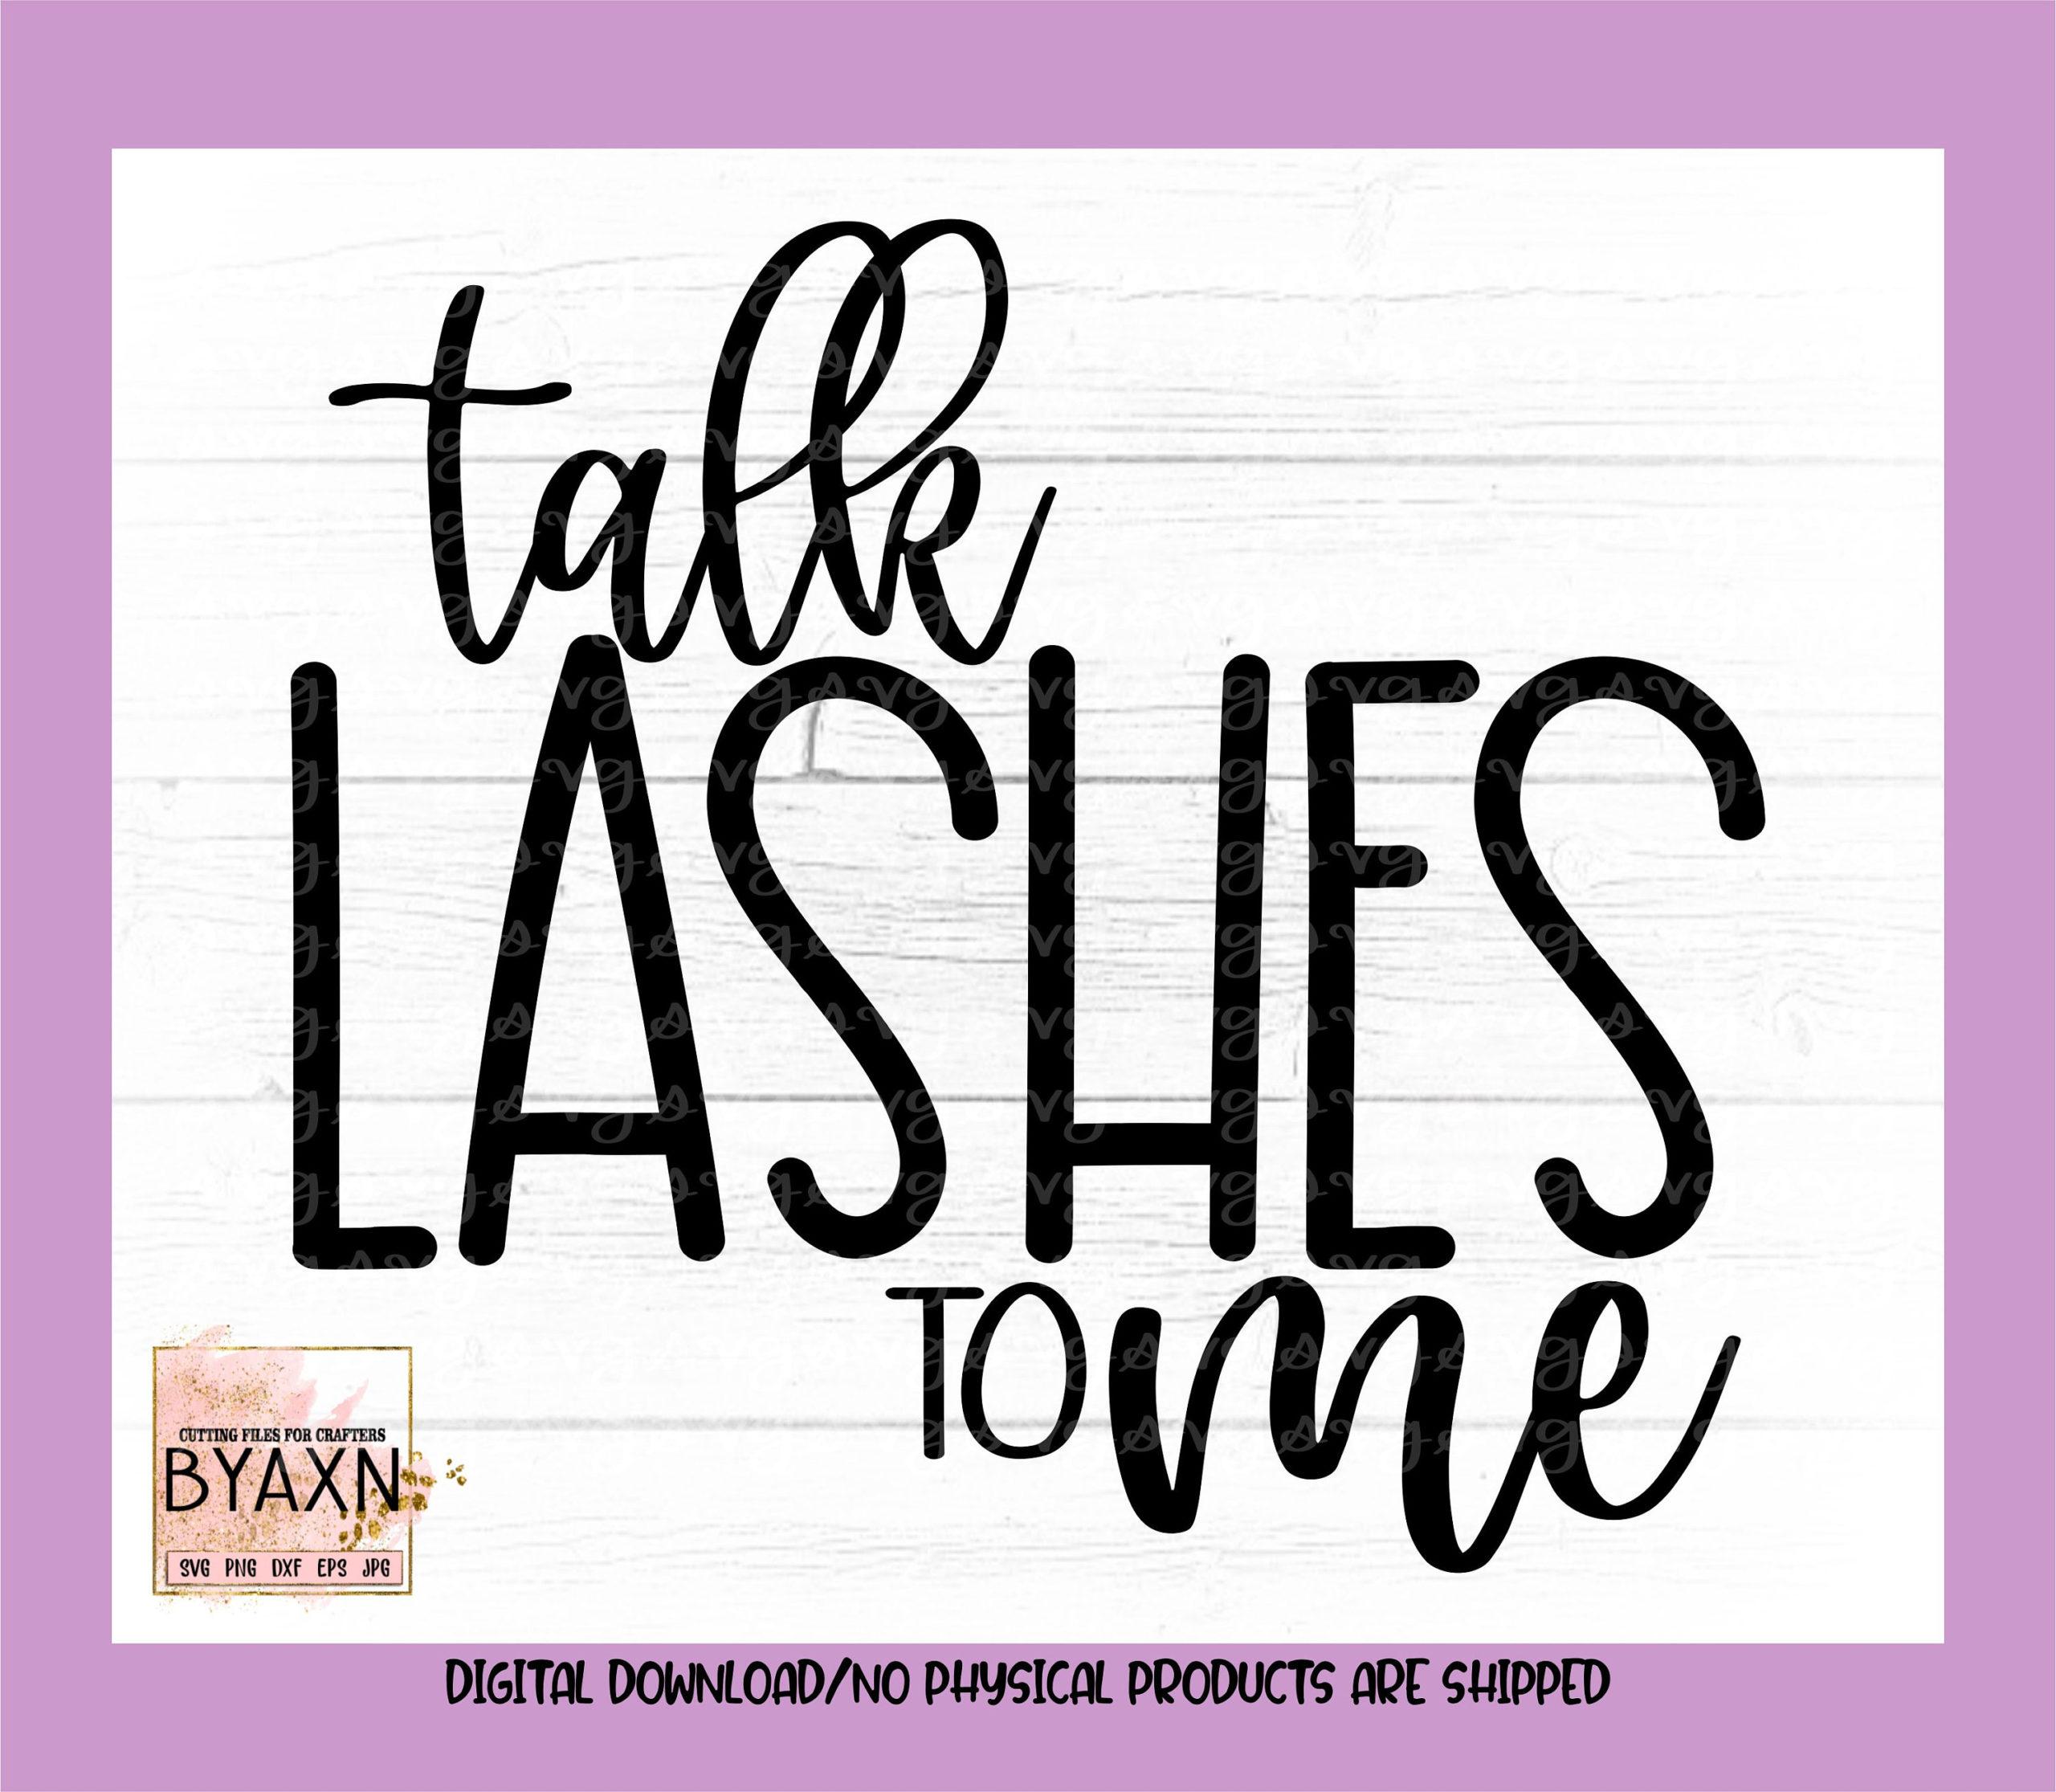 Make-up-svgtalk-lashes-to-me-svgmakeup-lover-svg-eyelashes-svg-lashes-svg-mascara-svg-makeup-svg-design-makeup-cut-file-cricut-svg-60514bfb